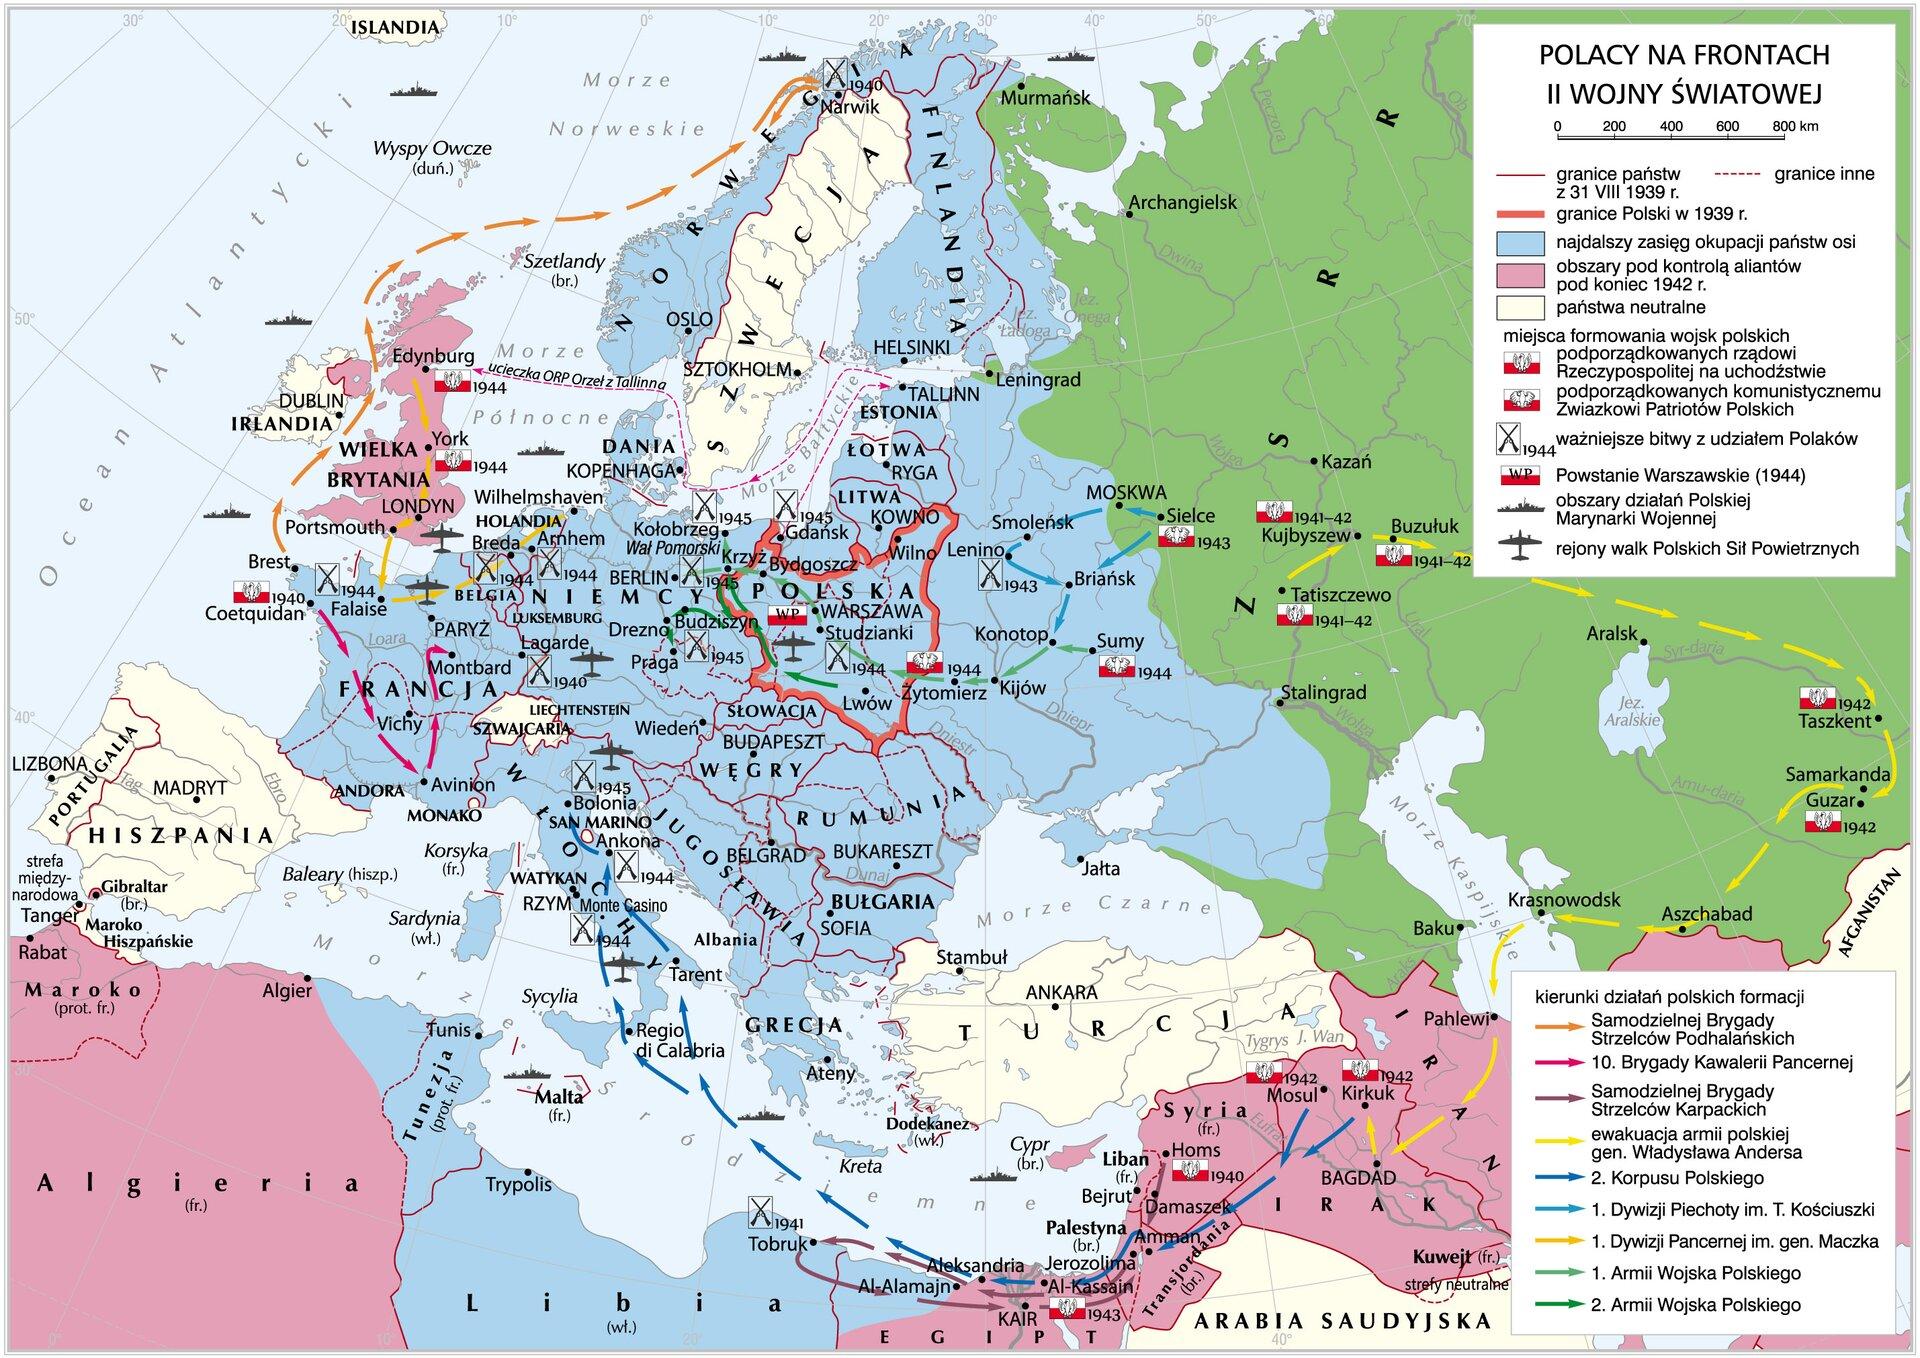 Polacy na frontach II wojny światowej Polacy na frontach II wojny światowej Źródło: Krystian Chariza izespół, licencja: CC BY 3.0.